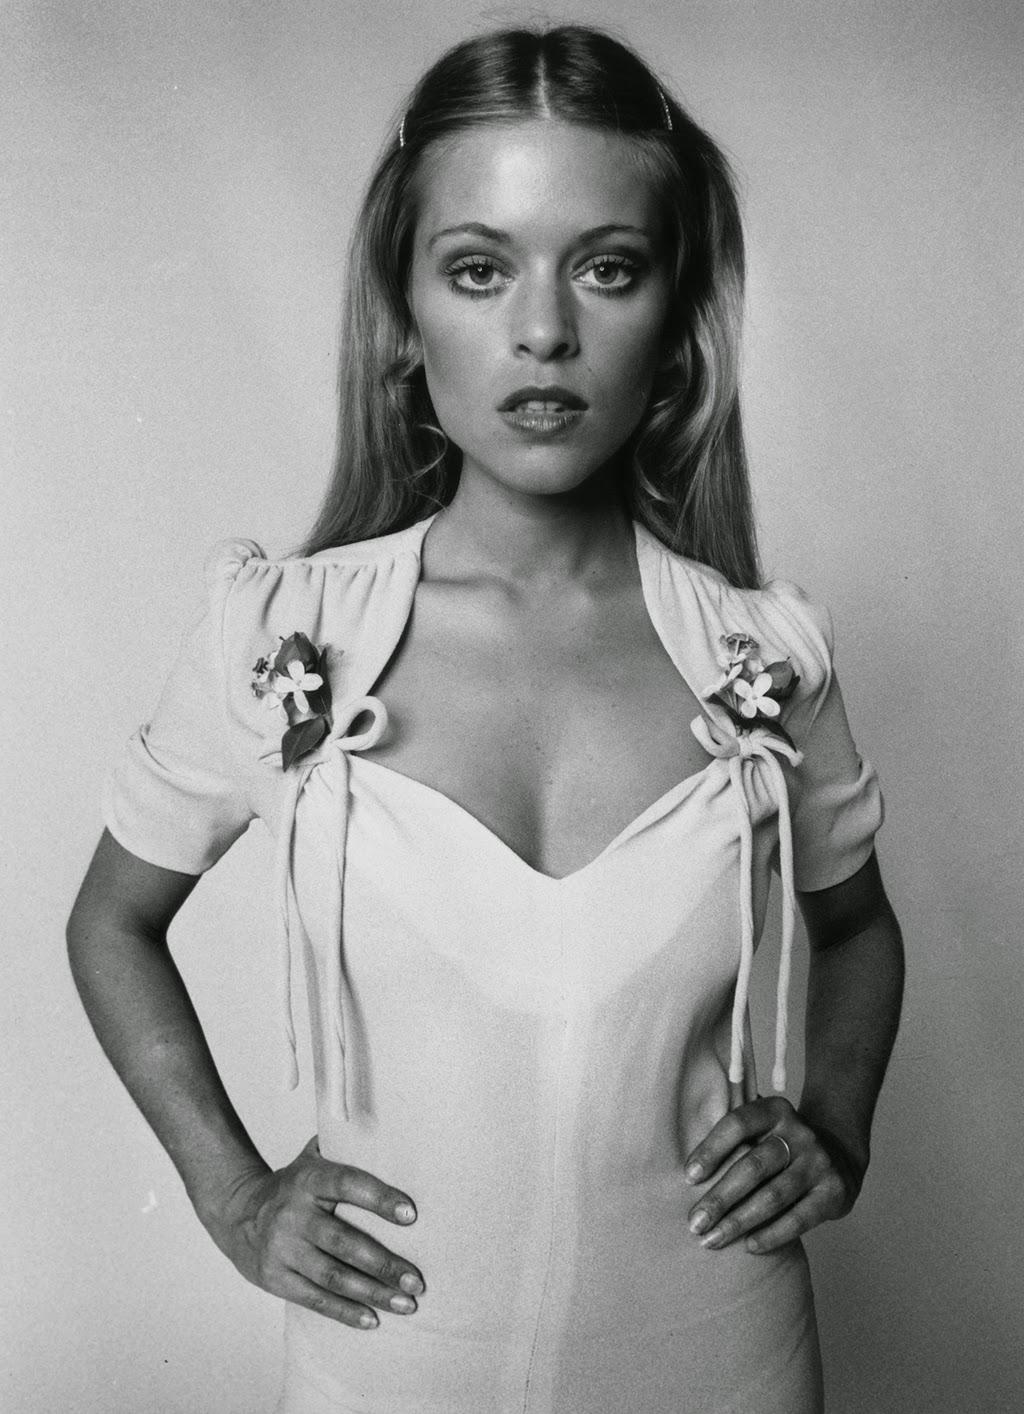 Мода 70-х. 20 фотографий, демонстрирующих красоту и стиль 6